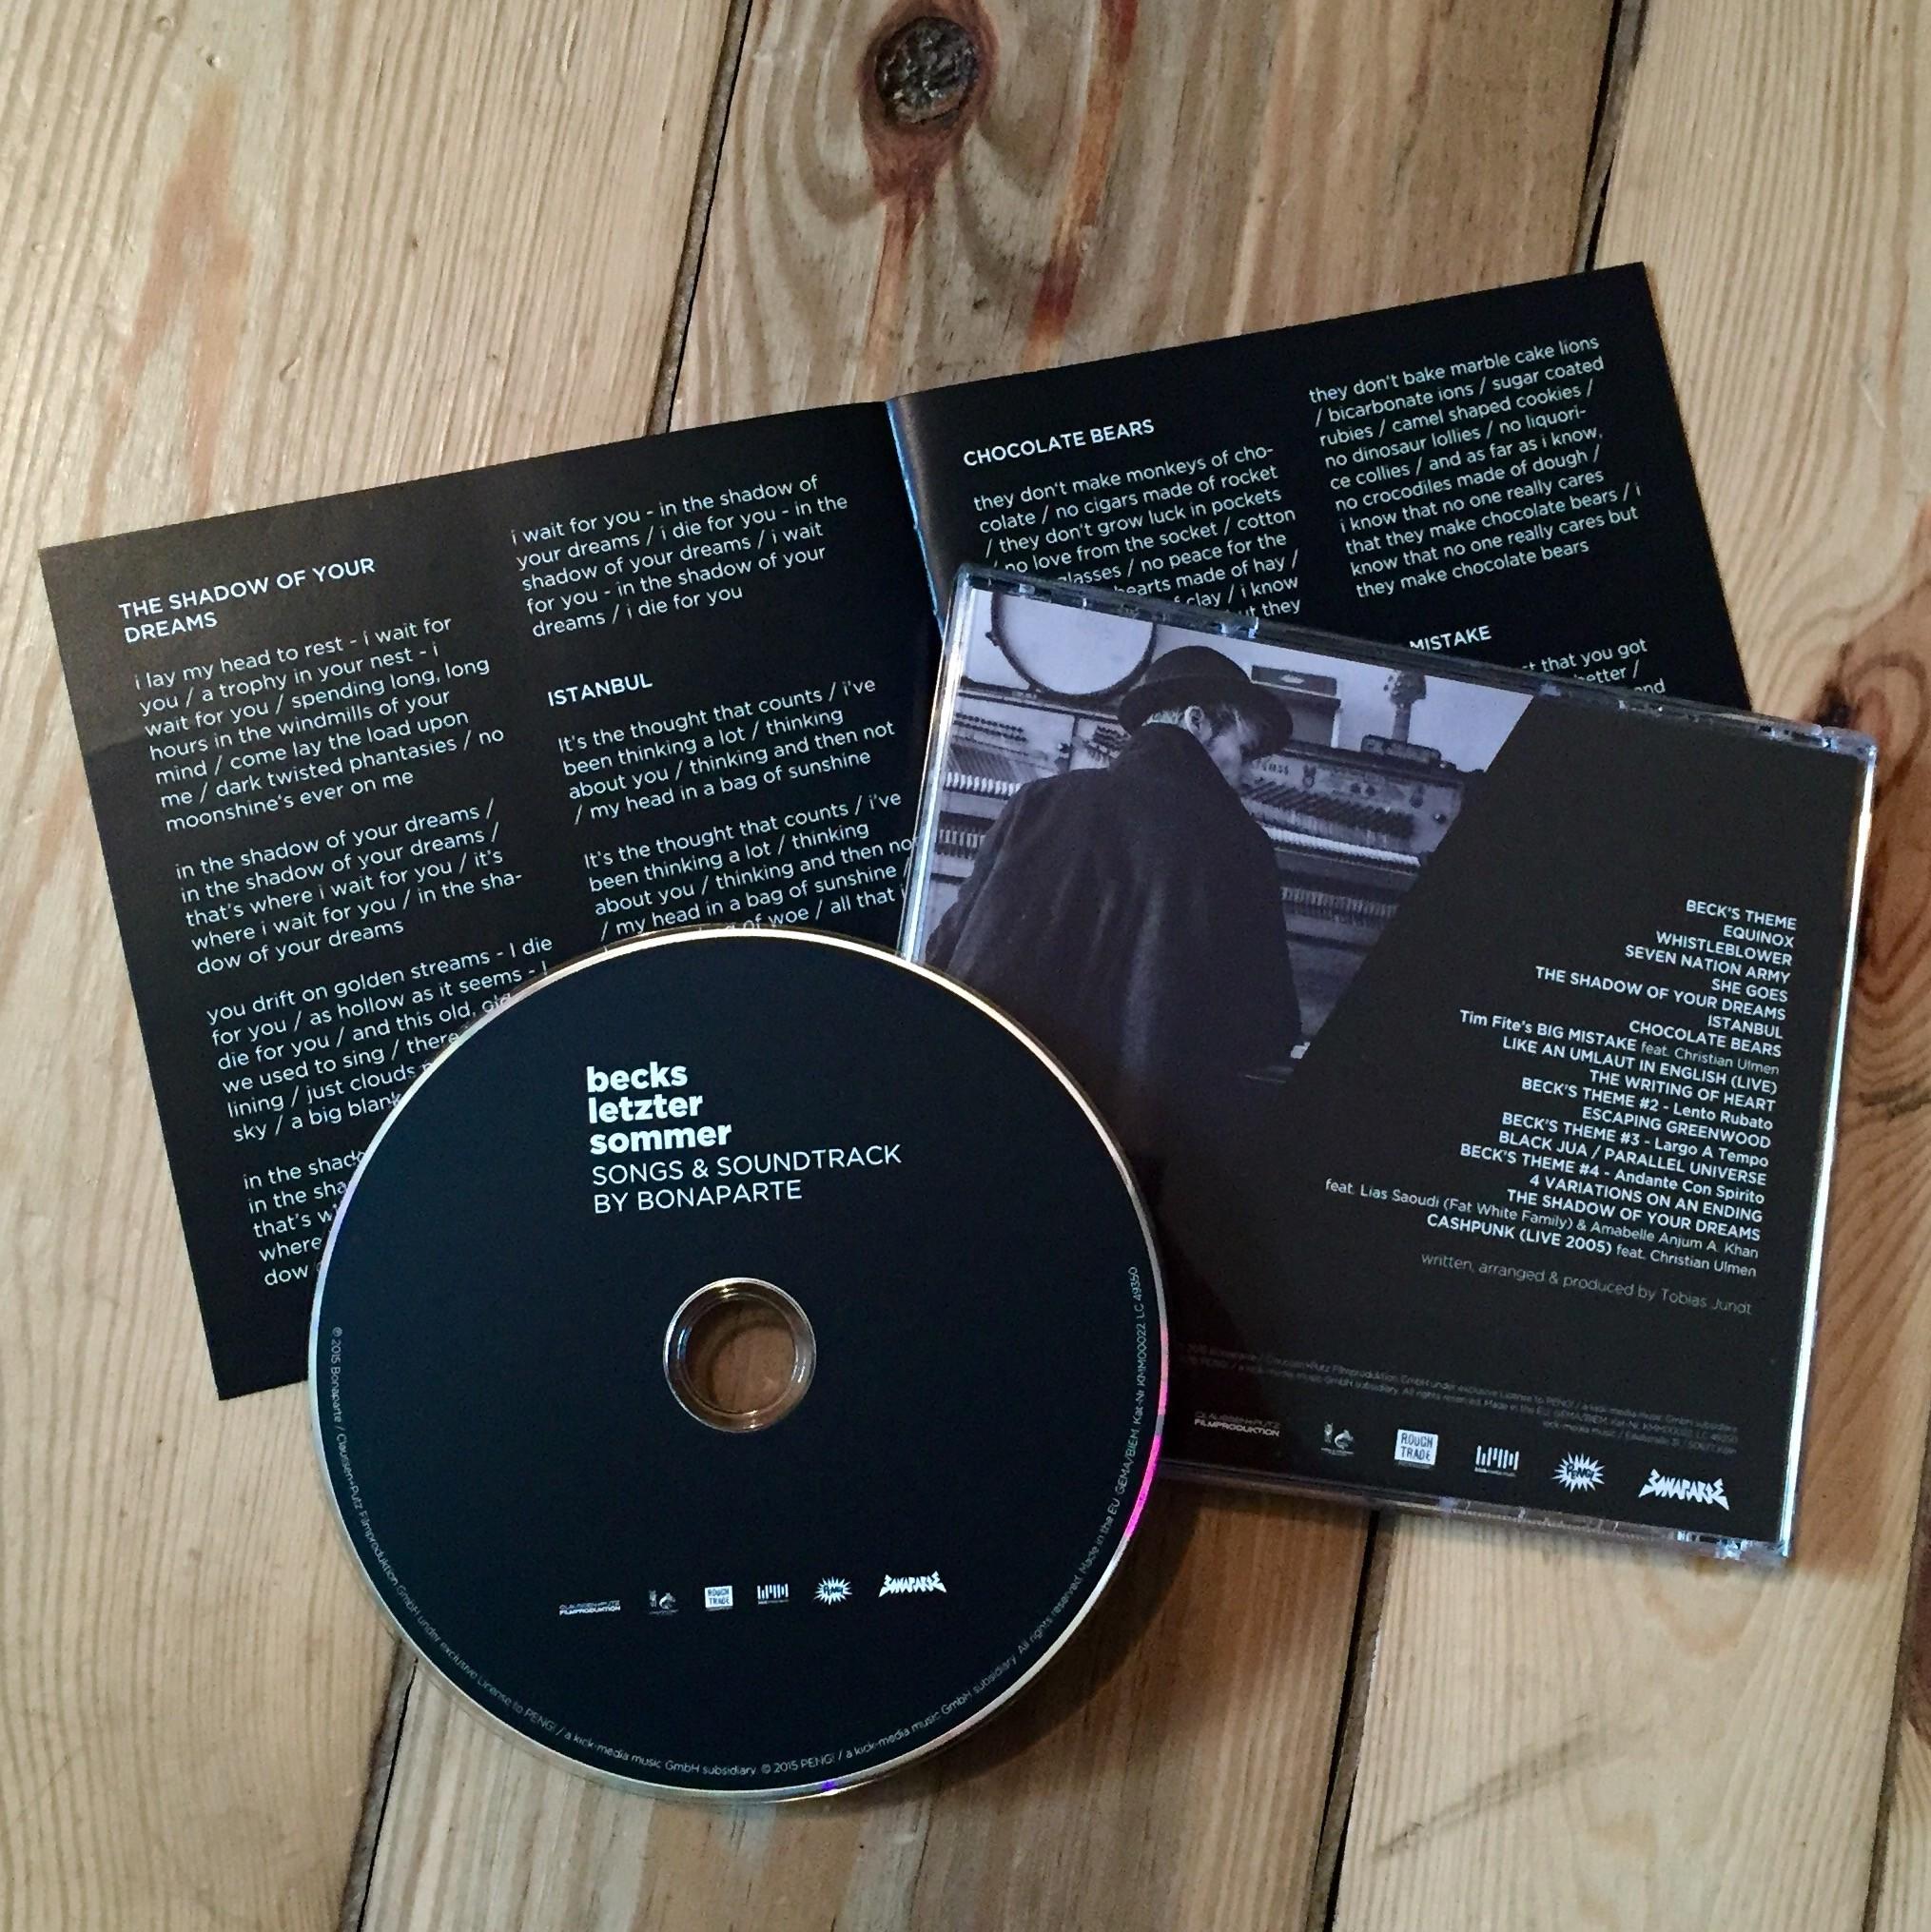 Becks letzter Sommer CD